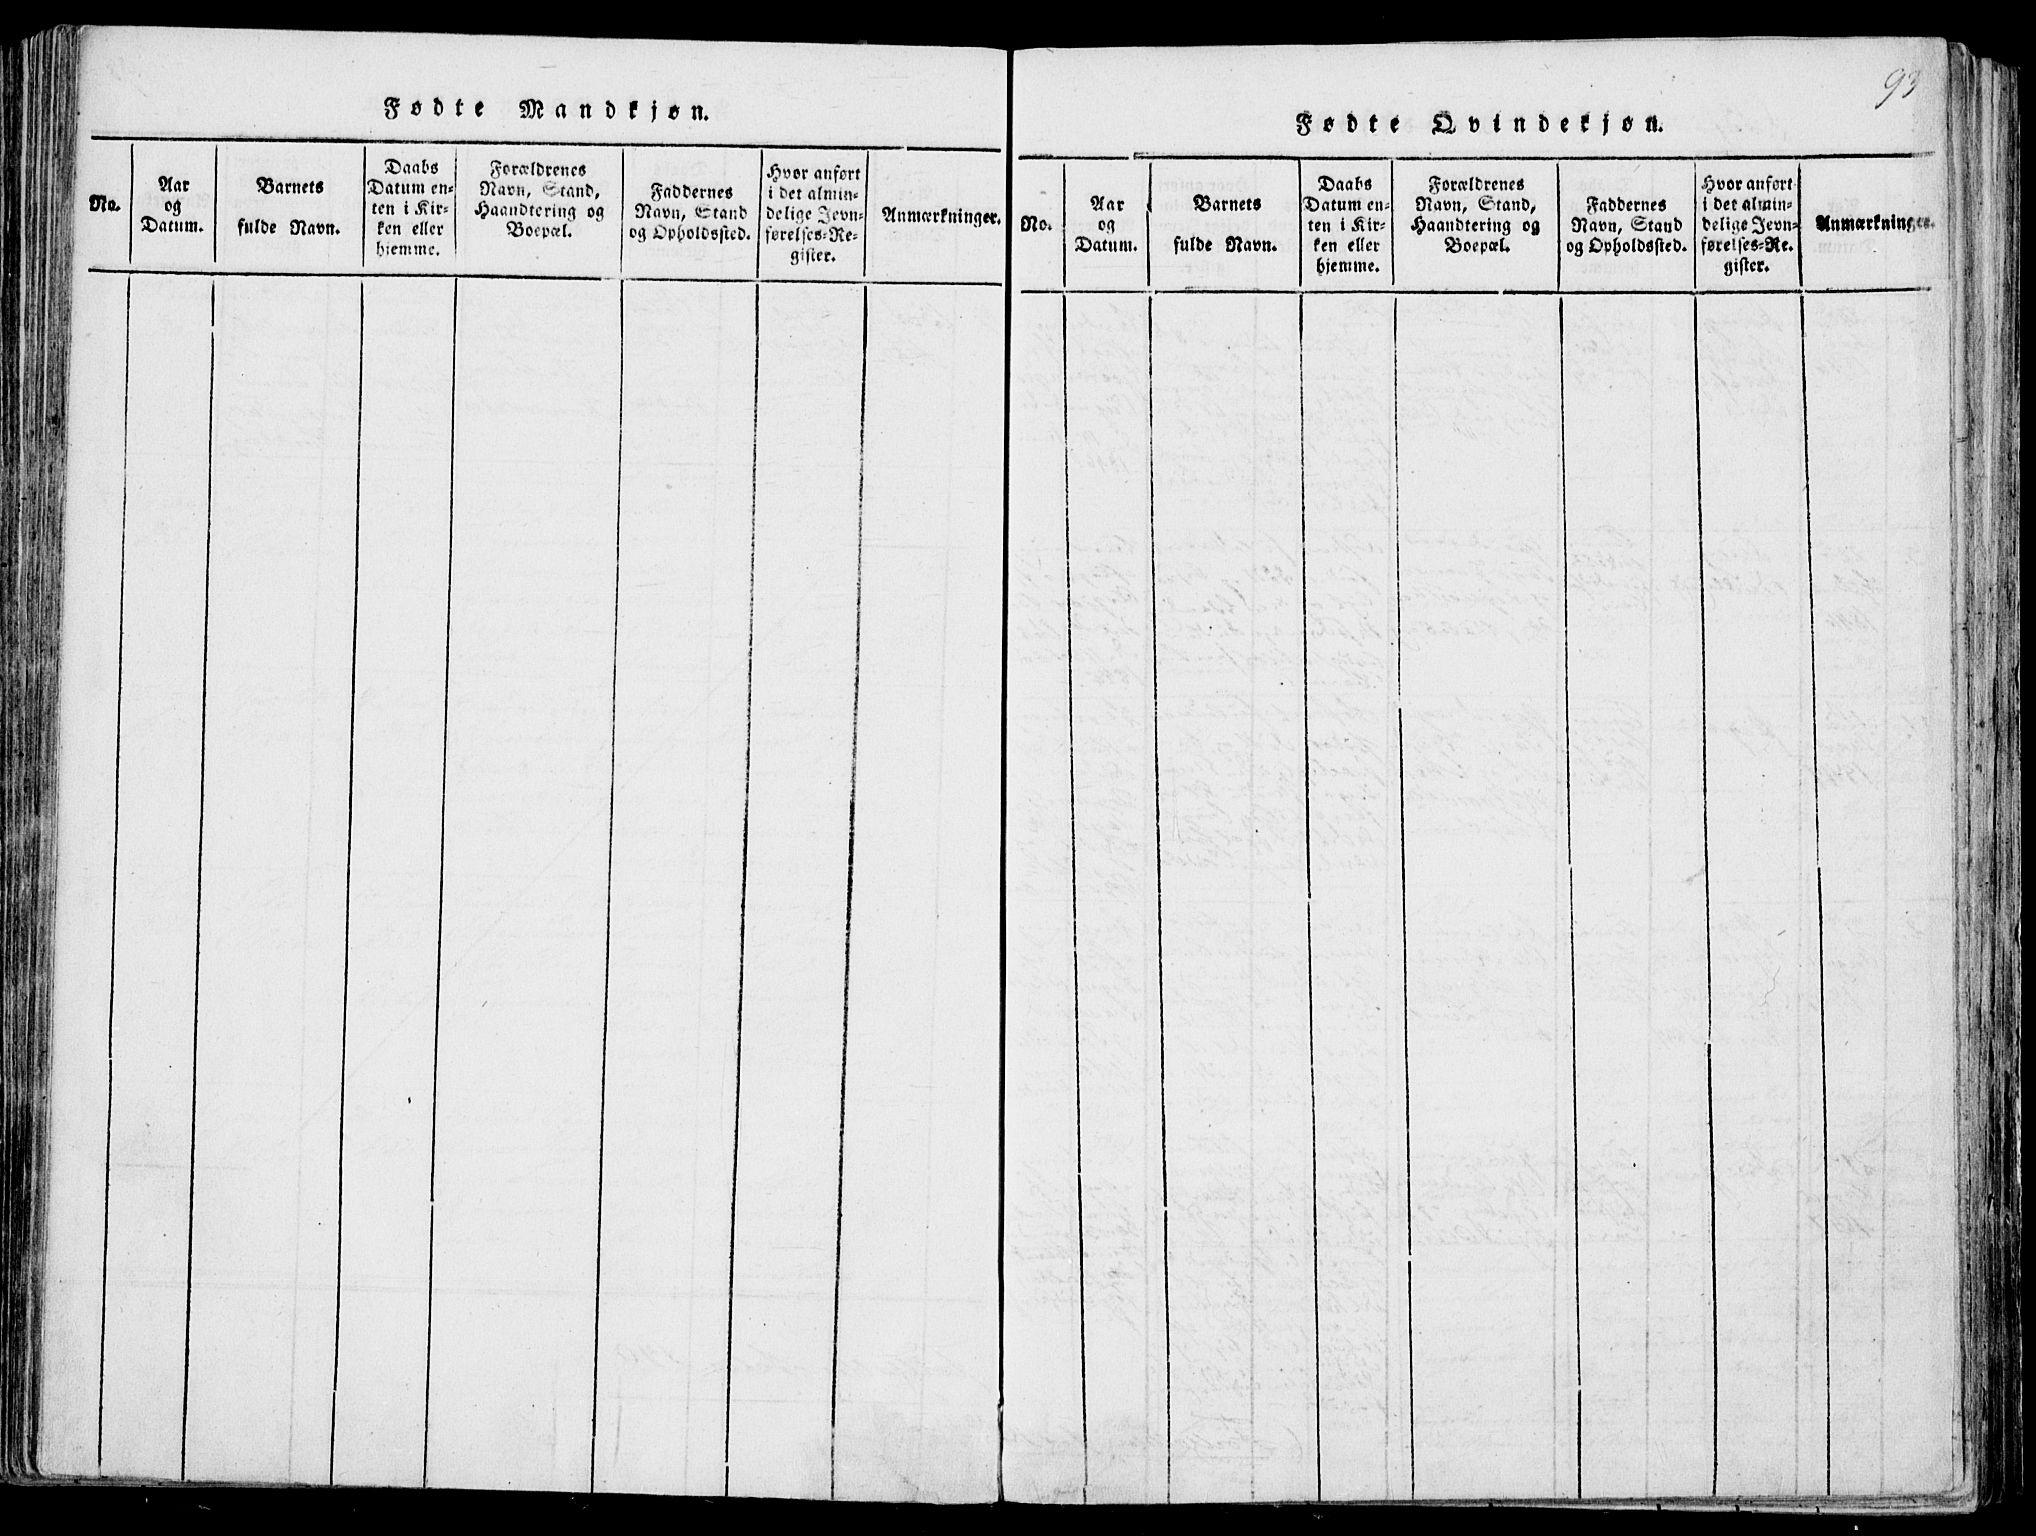 SAKO, Fyresdal kirkebøker, F/Fa/L0004: Ministerialbok nr. I 4, 1815-1854, s. 93